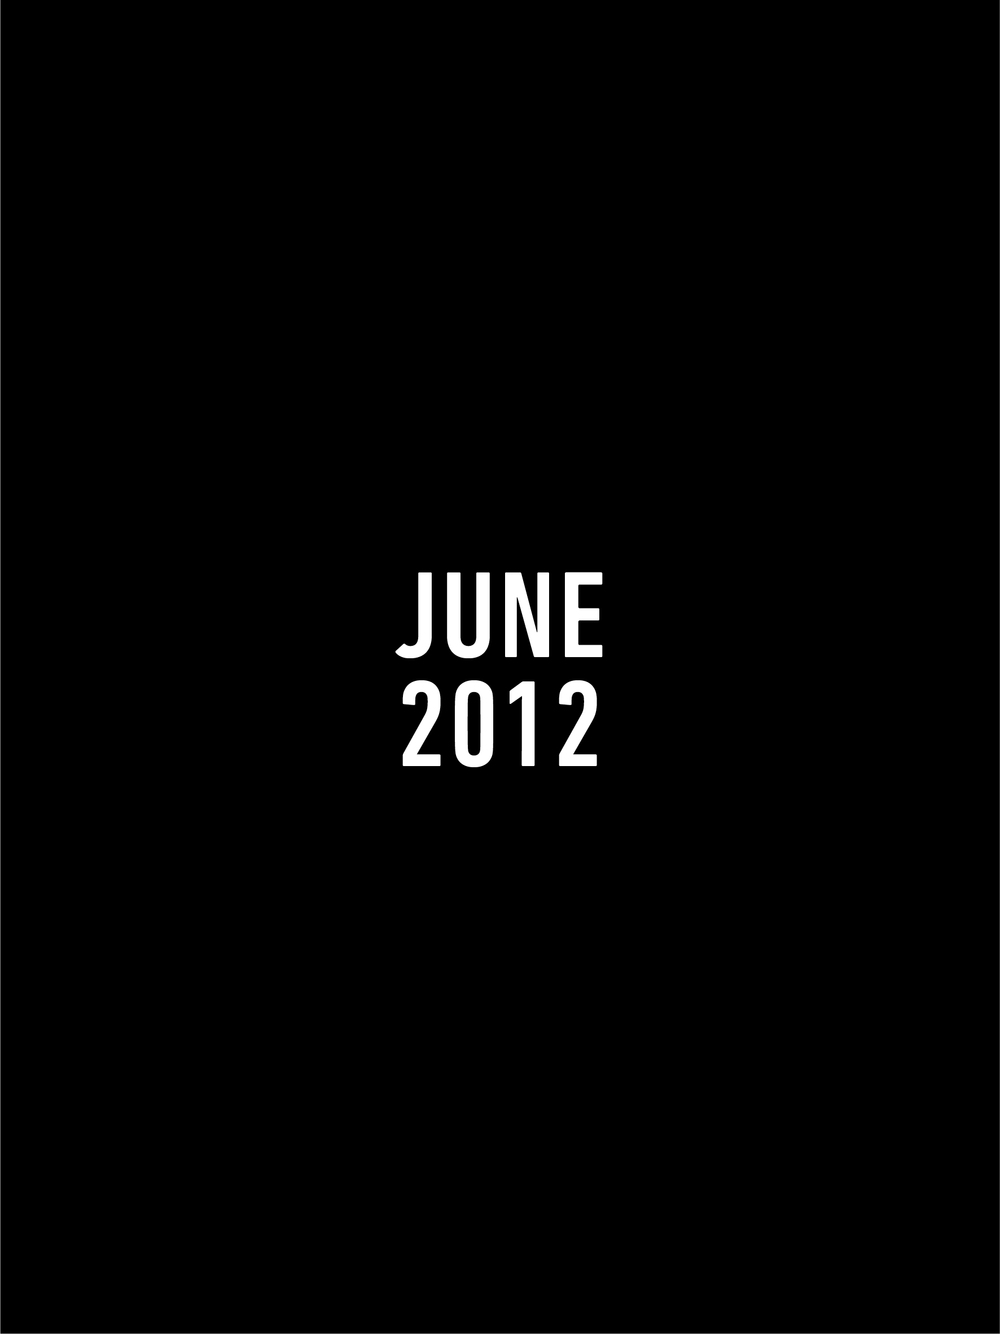 2012 months6.jpg